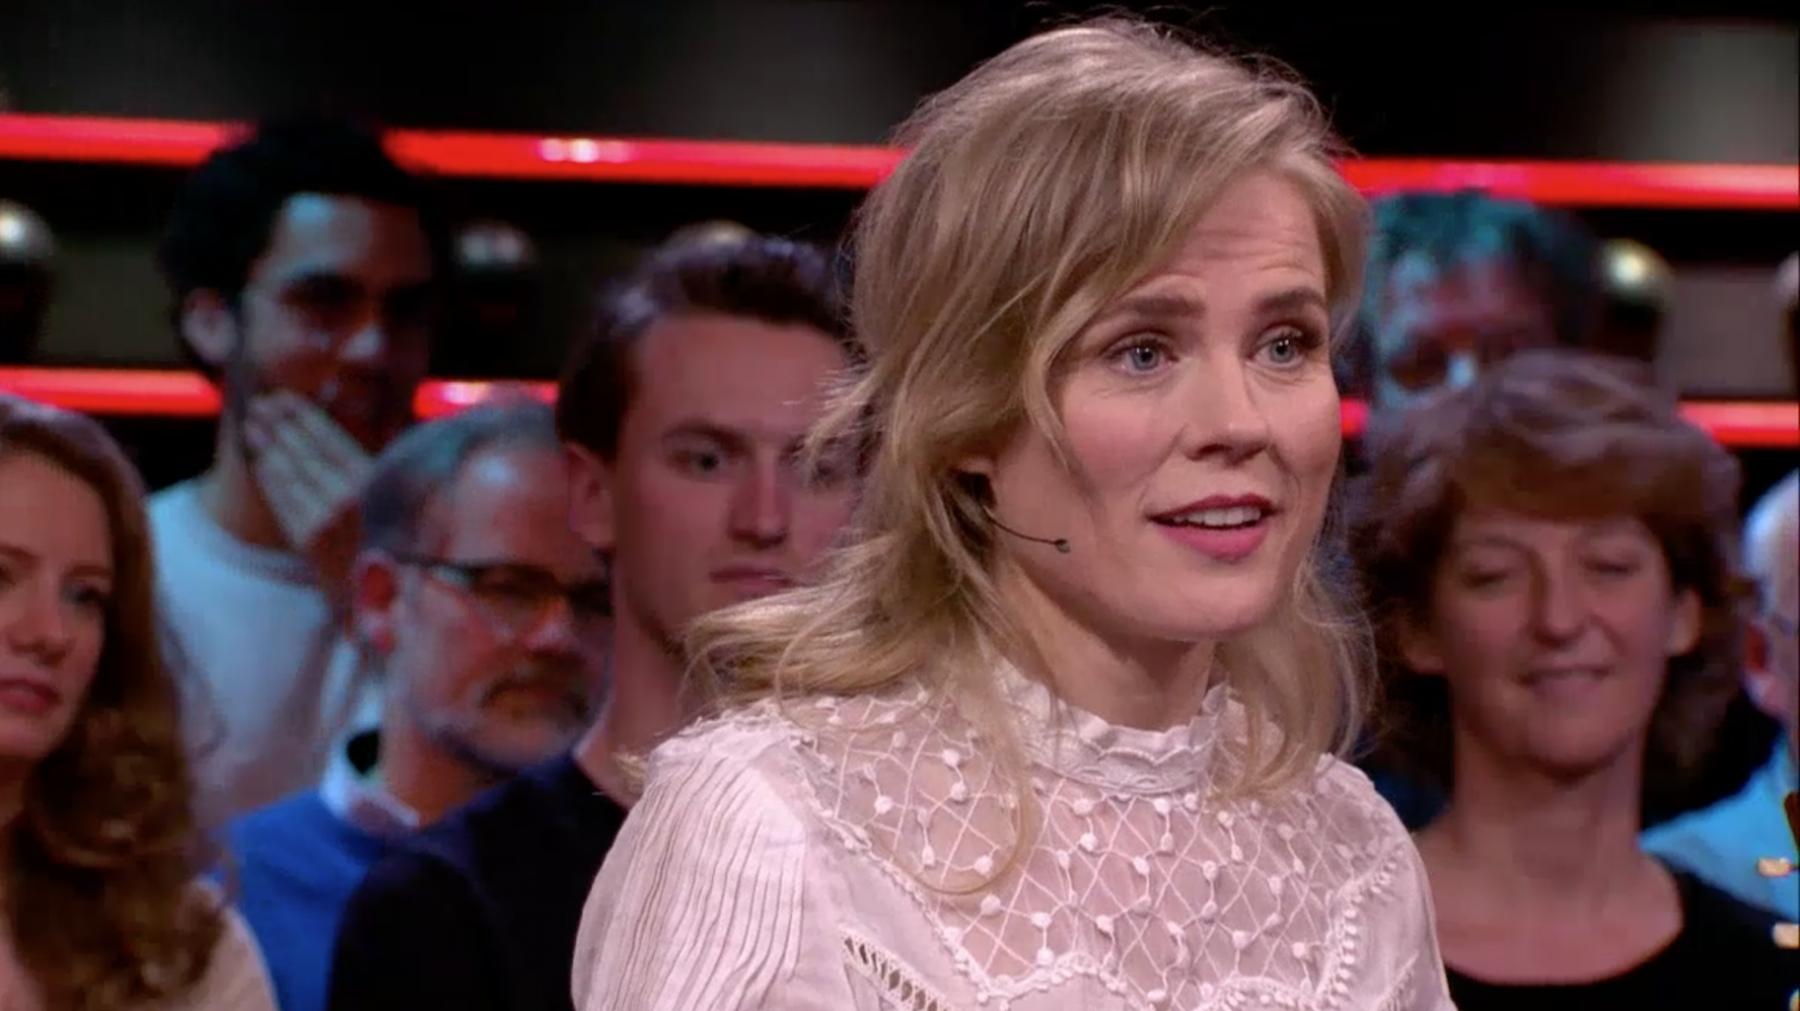 Kijkers verbazen zich over gesprek Hugo Borst met Ilse DeLange